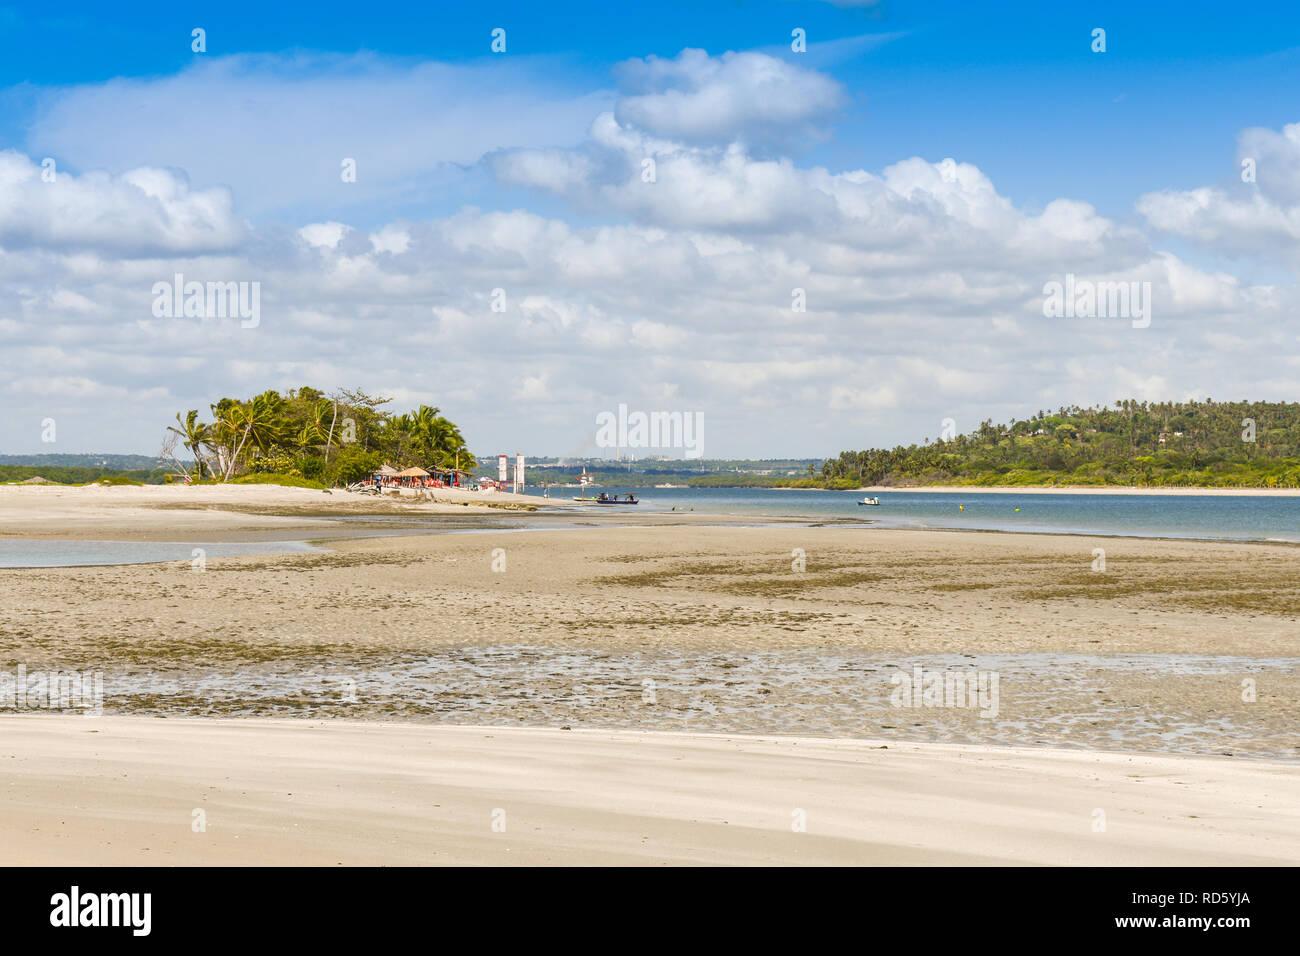 Coroa do Aviao islet on the left and Itamaraca island on the right - Pernambuco, Brazil - Stock Image